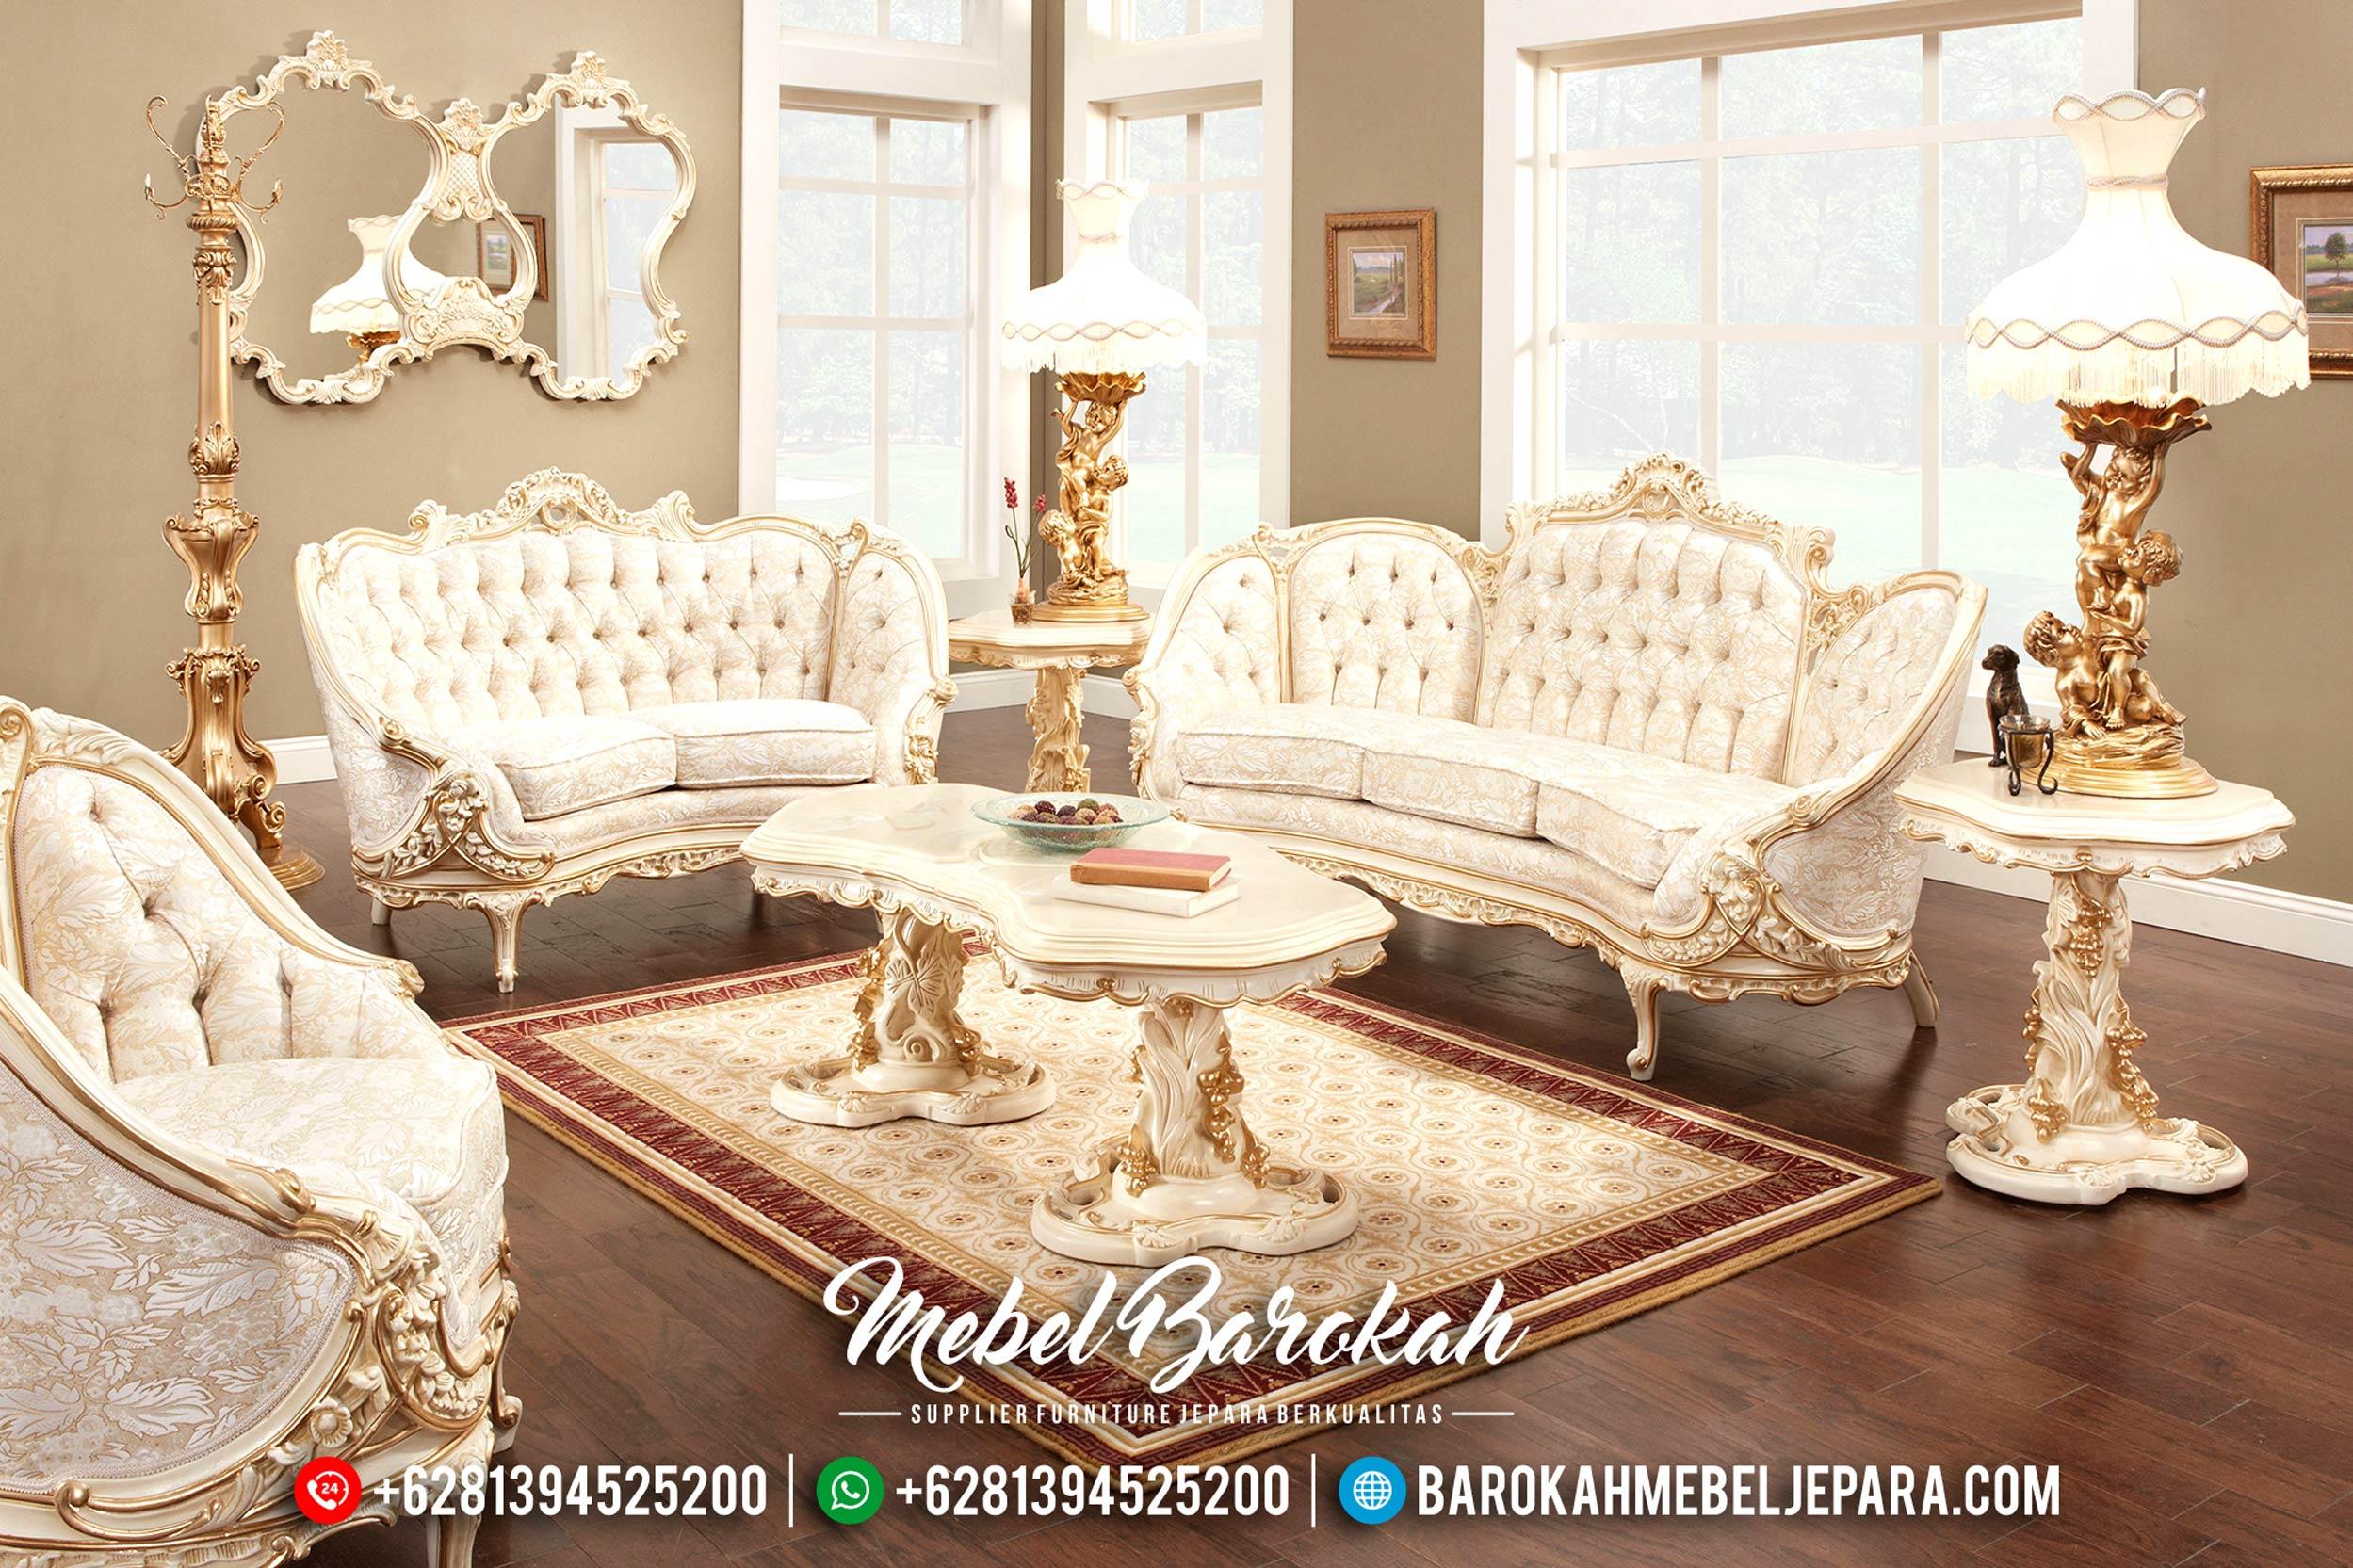 Sofa Tamu Mewah Duco, Sofa Tamu Jepara Klasik, Set Kursi Tamu Terbaru MB-0193